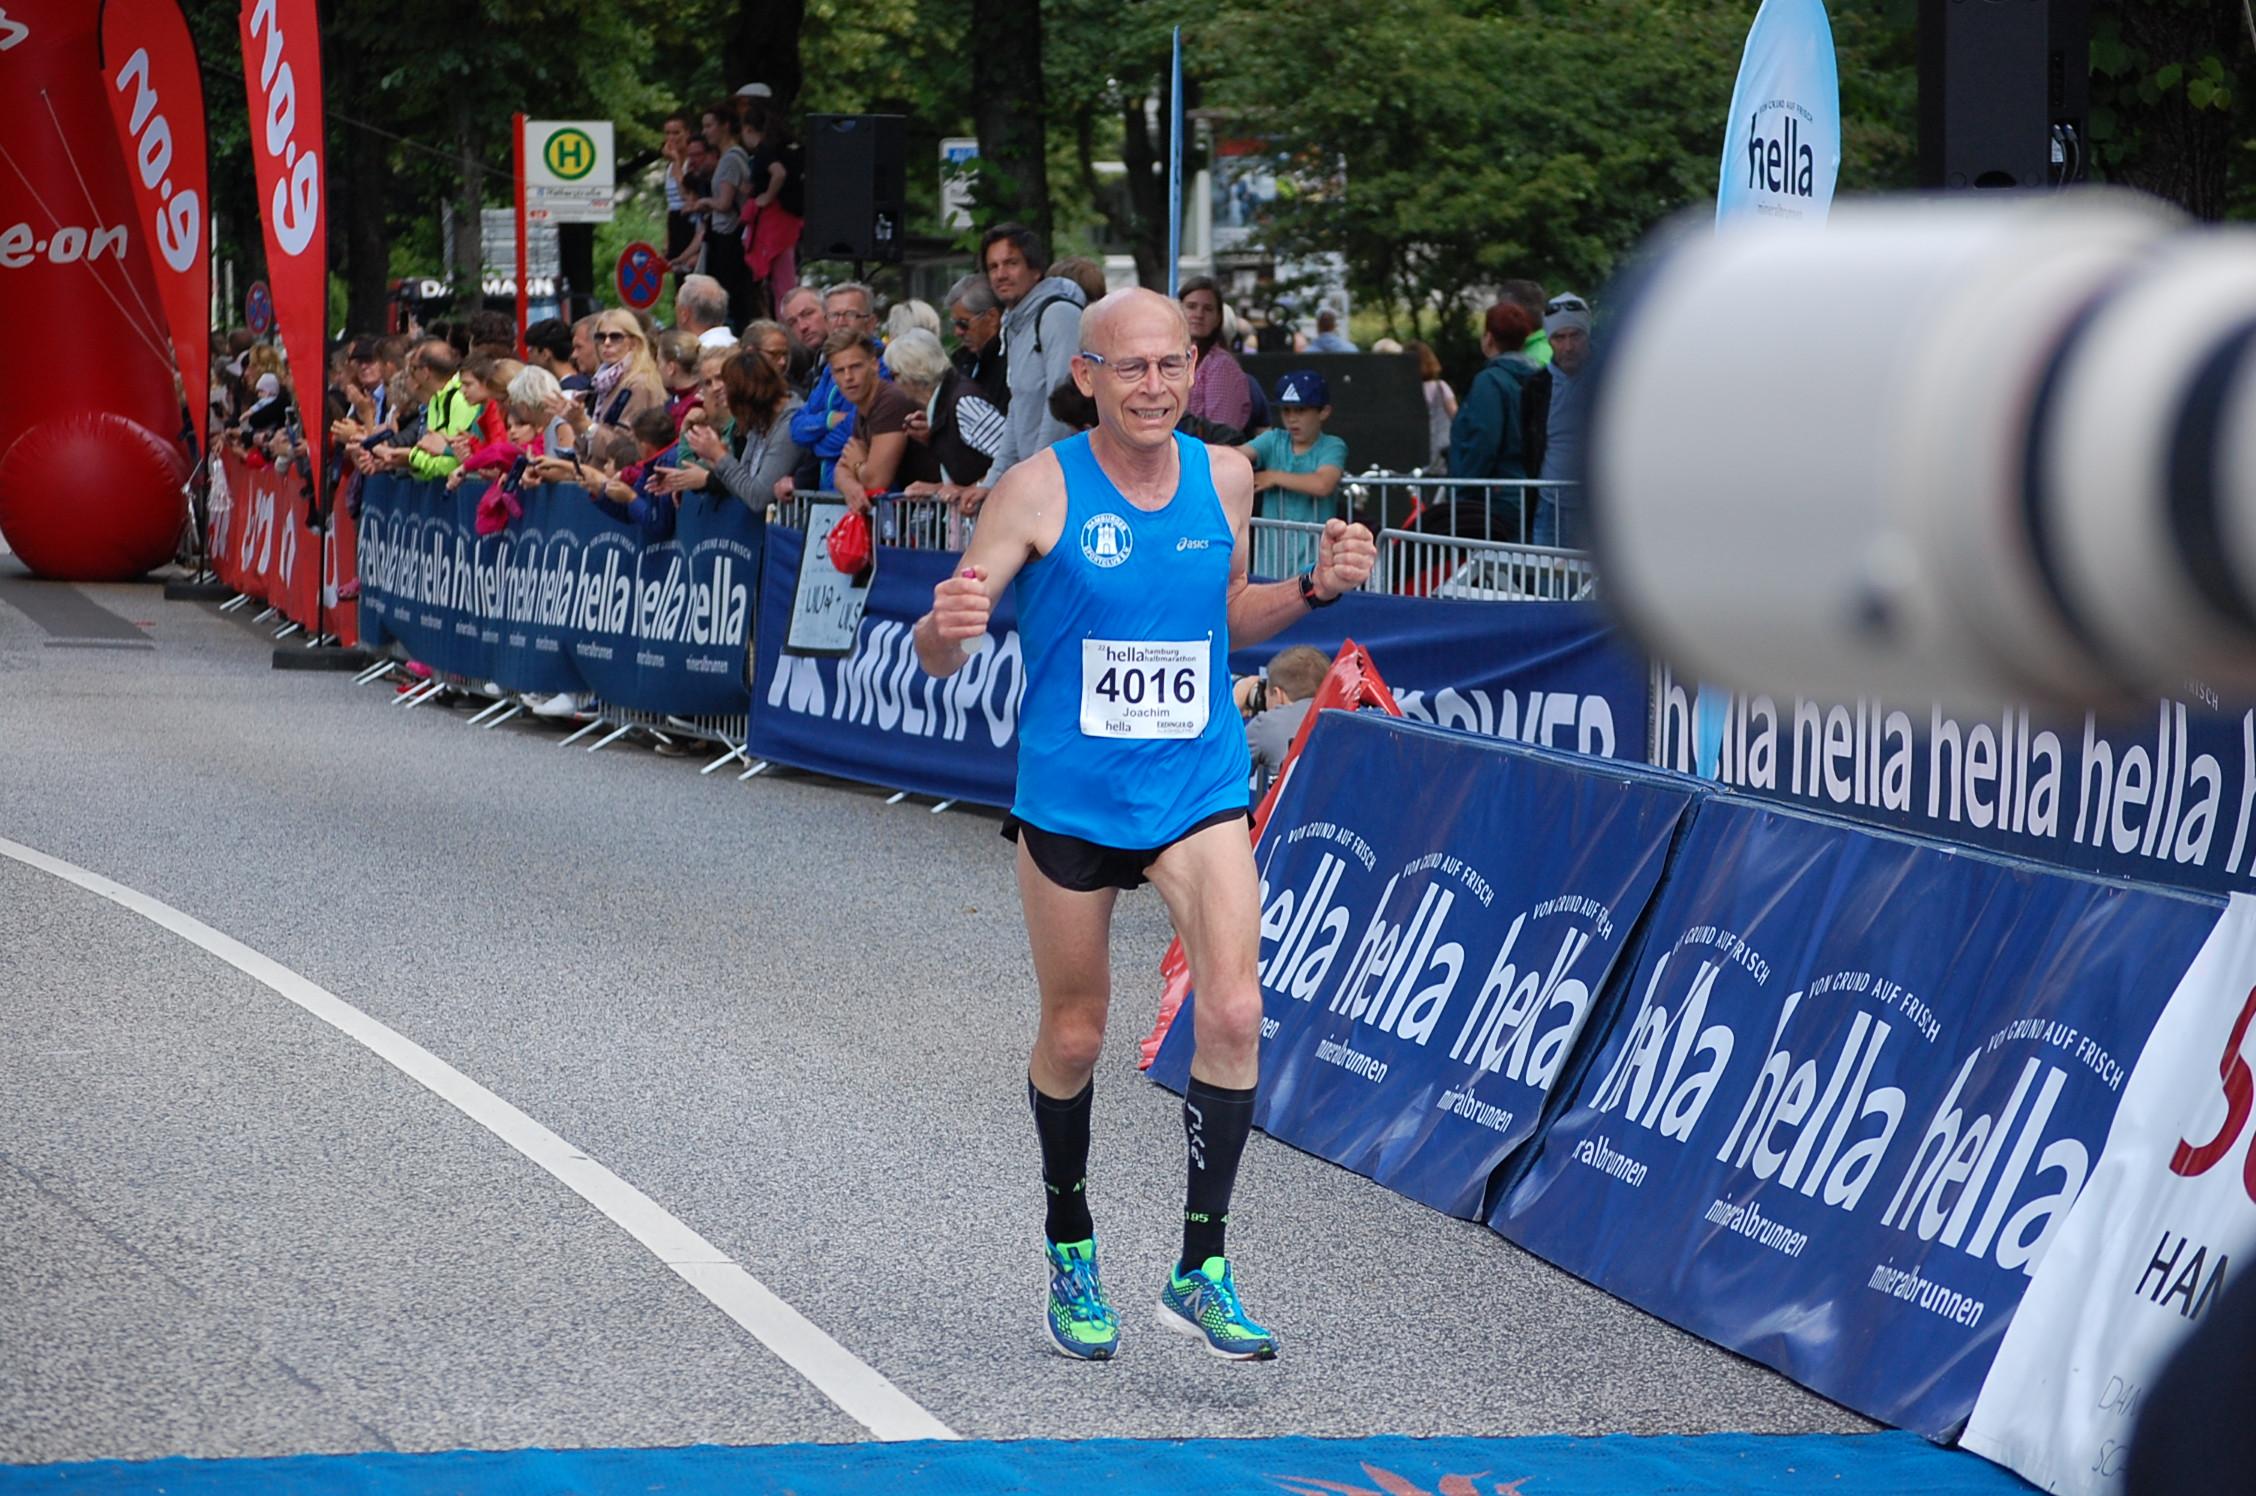 22. hella Halbmarathon: Zieleinläufe von der schnellsten Hamburgerin bis 1:33